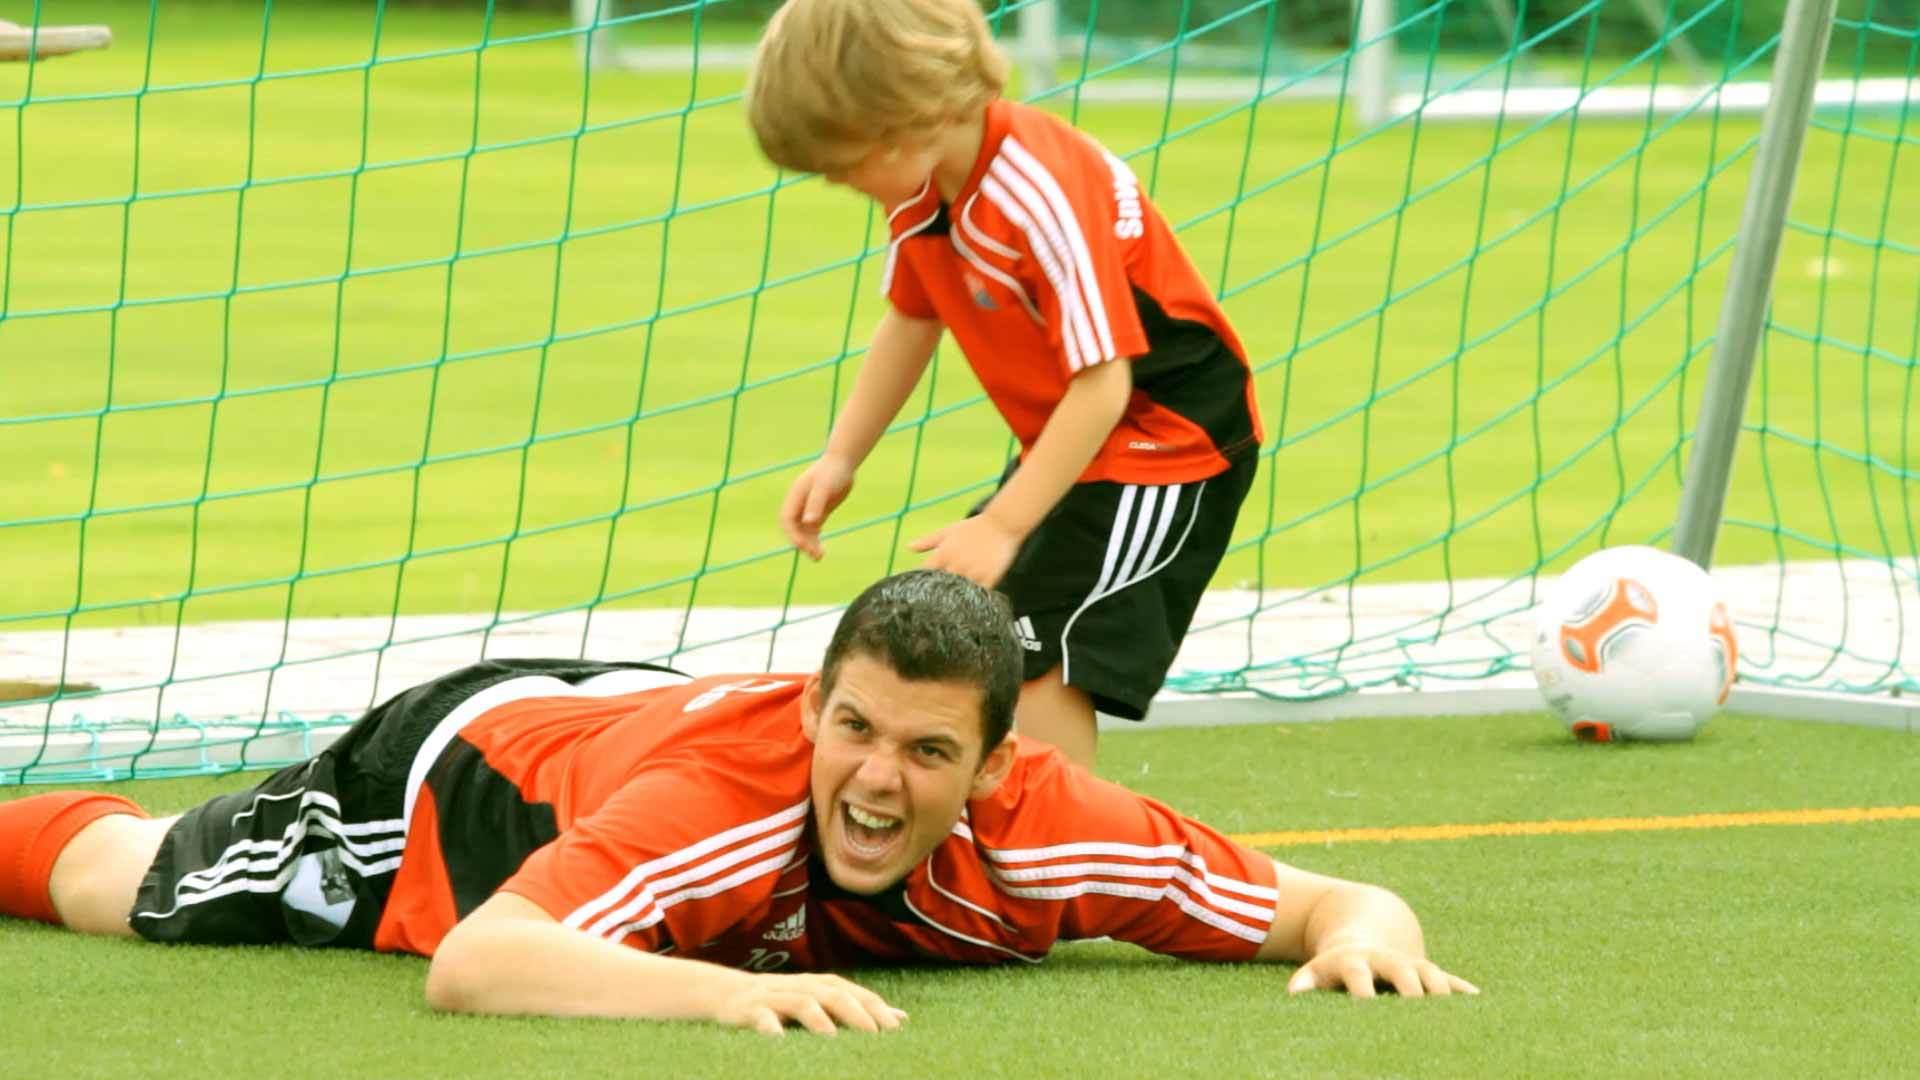 Trainer und Kind